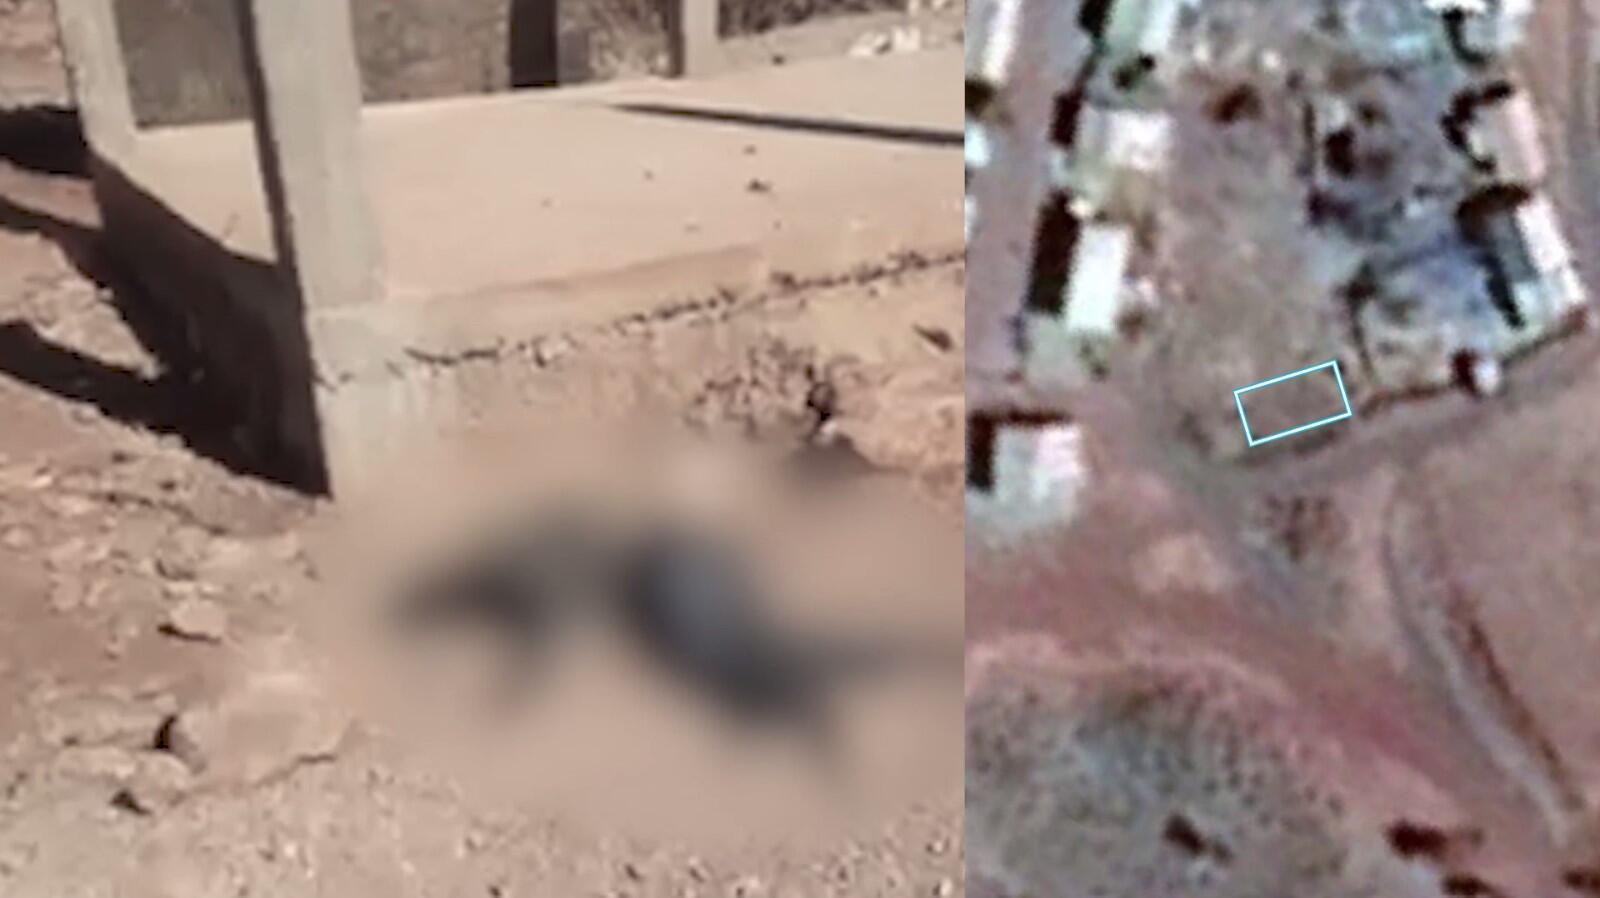 À gauche, une capture d'écran de la vidéo où l'on voit un bâtiment en cours de construction et, à droite, une image satellite de l'endroit datée de 2018 sur laquelle ce bâtiment est absent.